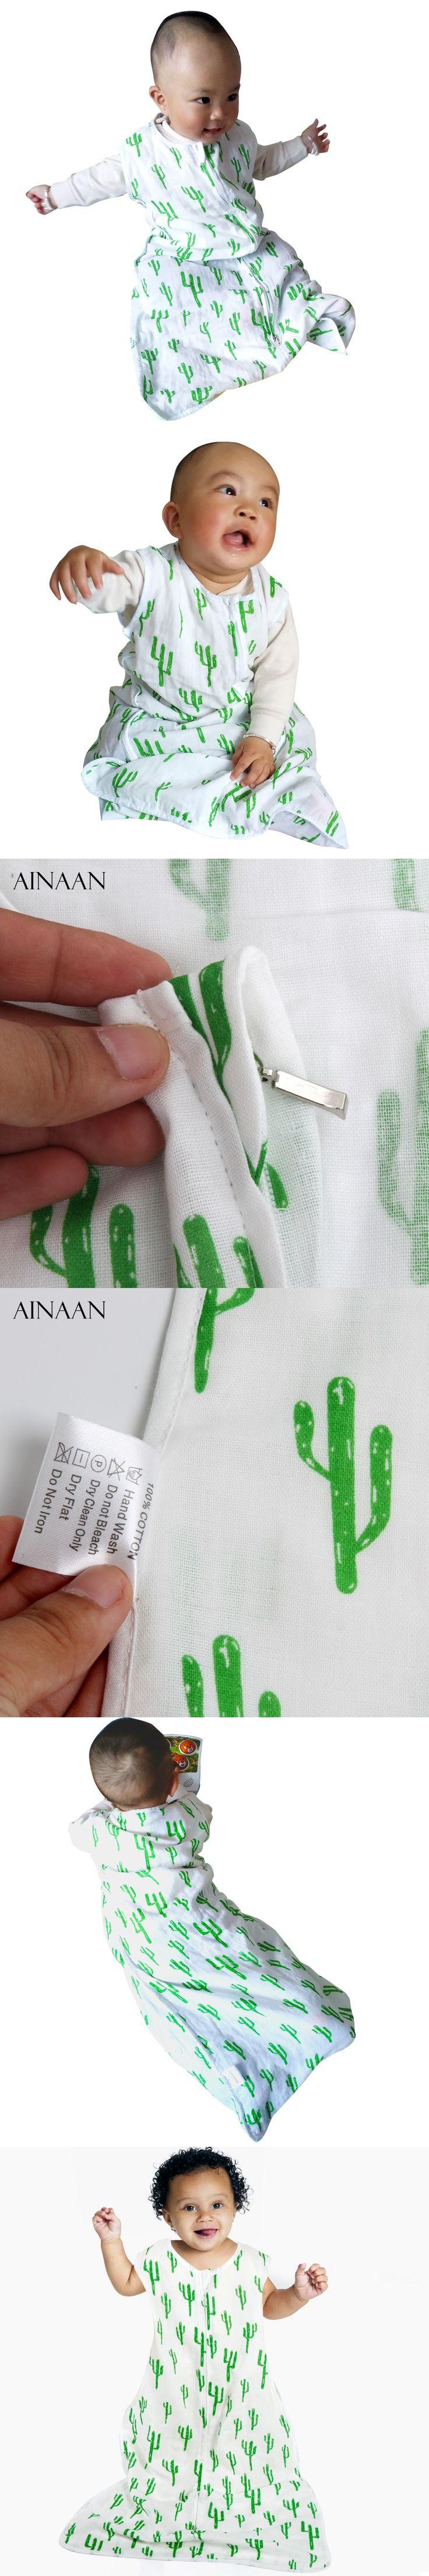 AINAAN SleepSack 100% Cotton Muslin Sleepsack Swaddle and Wearable Blanket Gift For Boys, Girls, Unisex,Baby Sleeping Bag